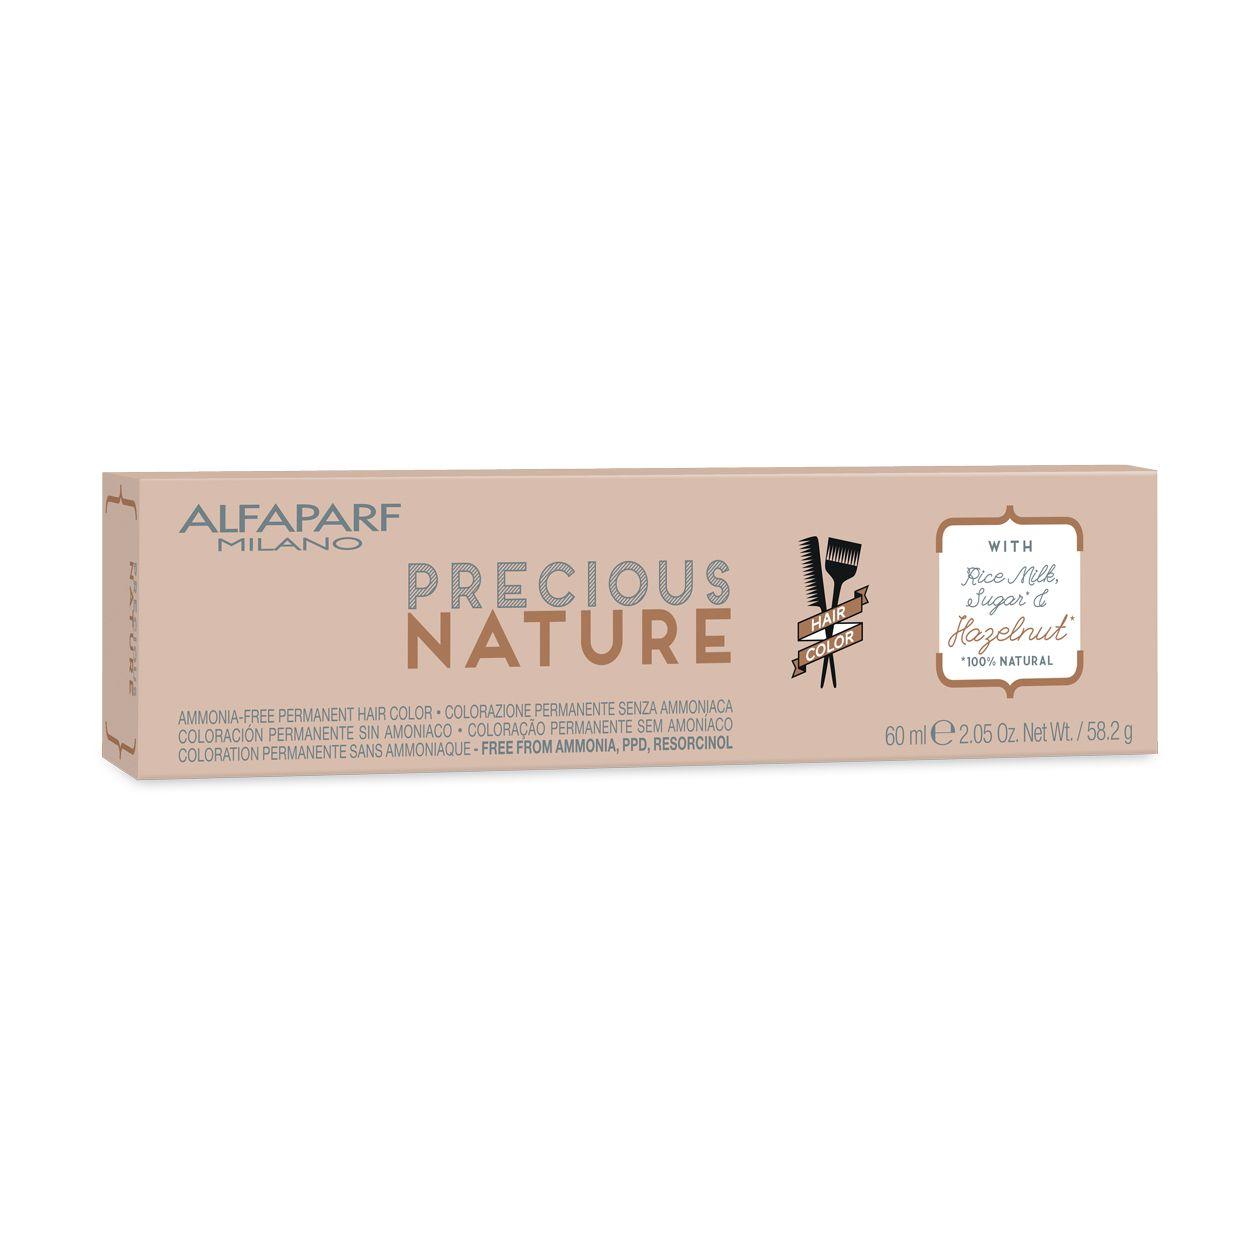 Alfaparf Milano-Precious Nature Hair Color Creme de Coloração 8.1 Louro Claro Cinza 60ml